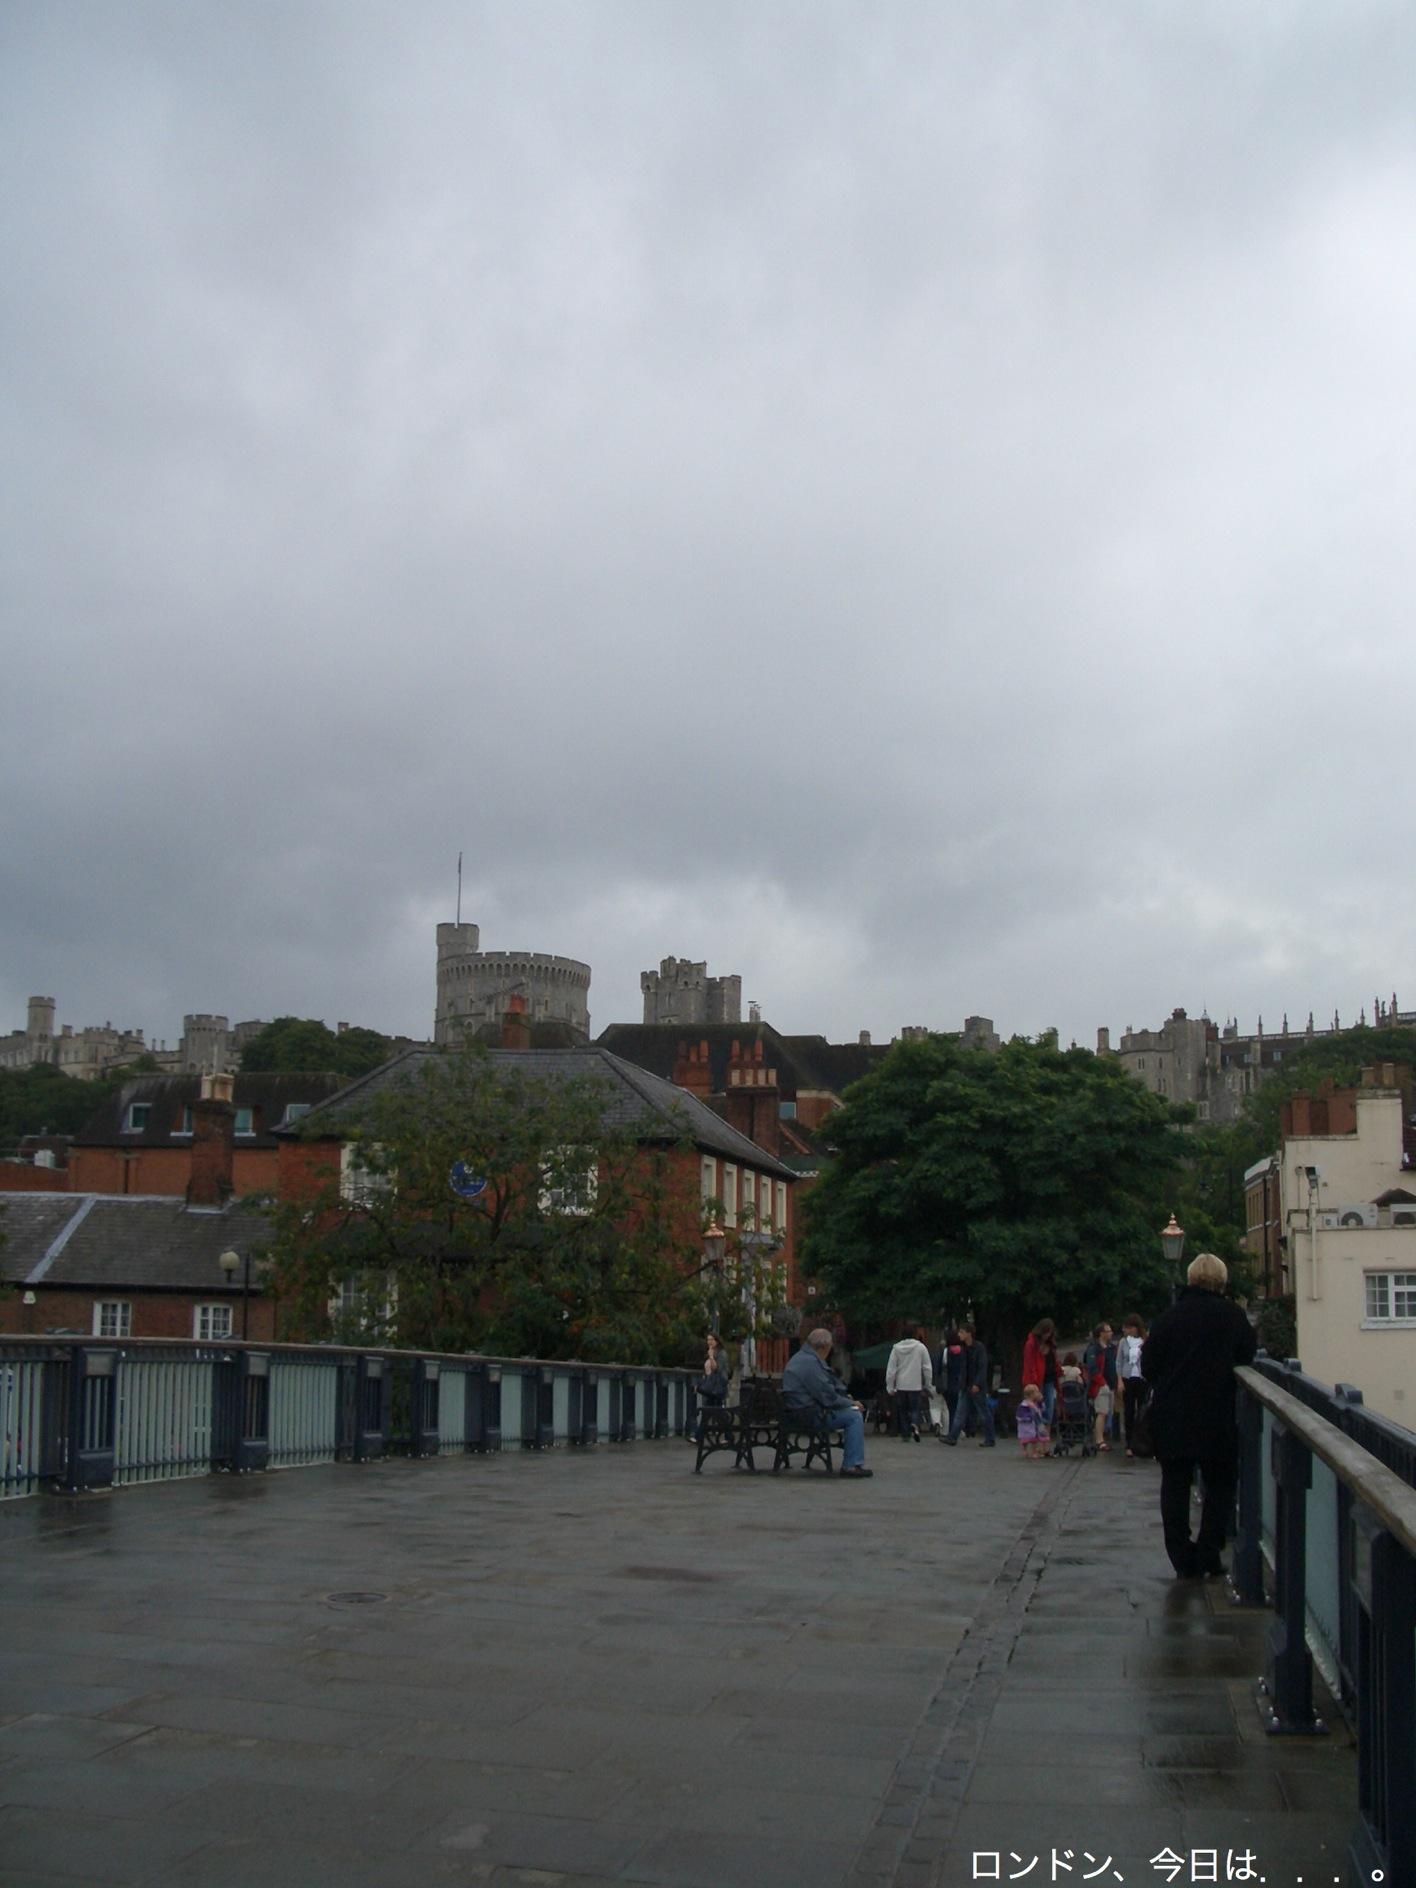 雨の中のWindsor_a0137487_115374.jpg